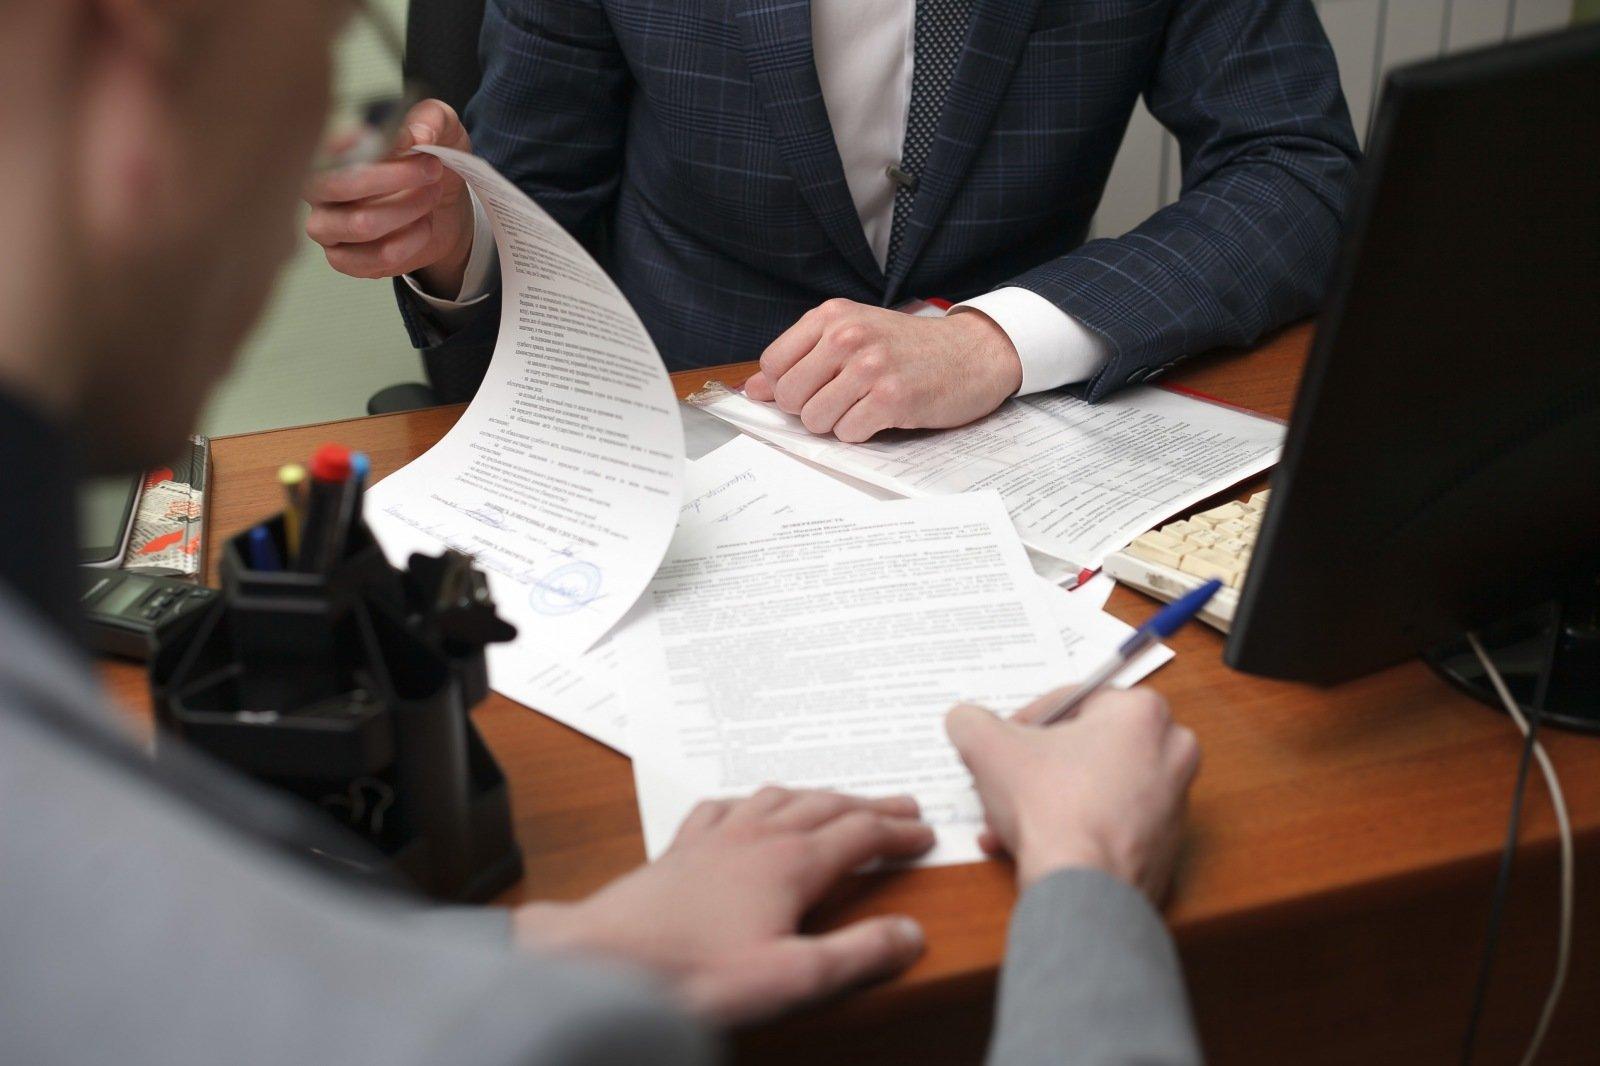 трудовые споры юридическая помощь